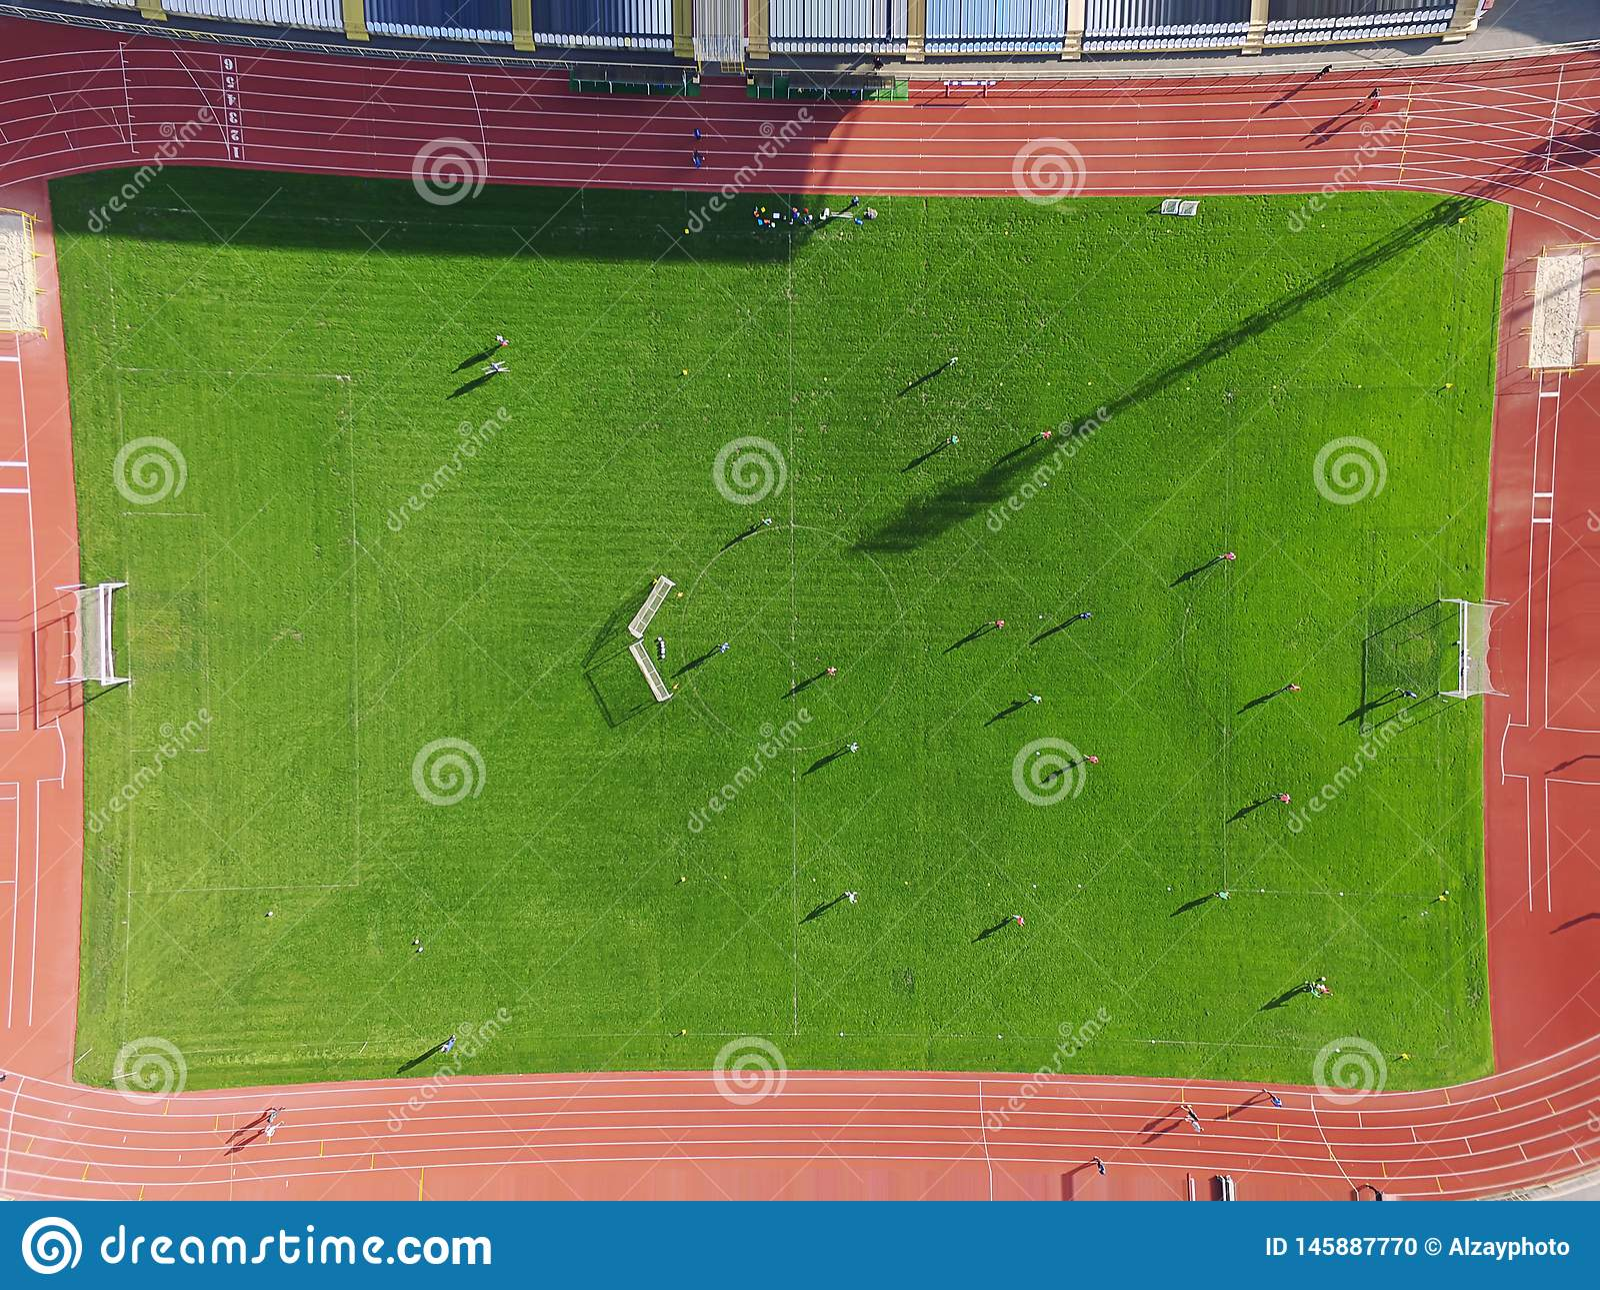 Реальное футбольное поле - верхняя часть вниз с вида с воздуха